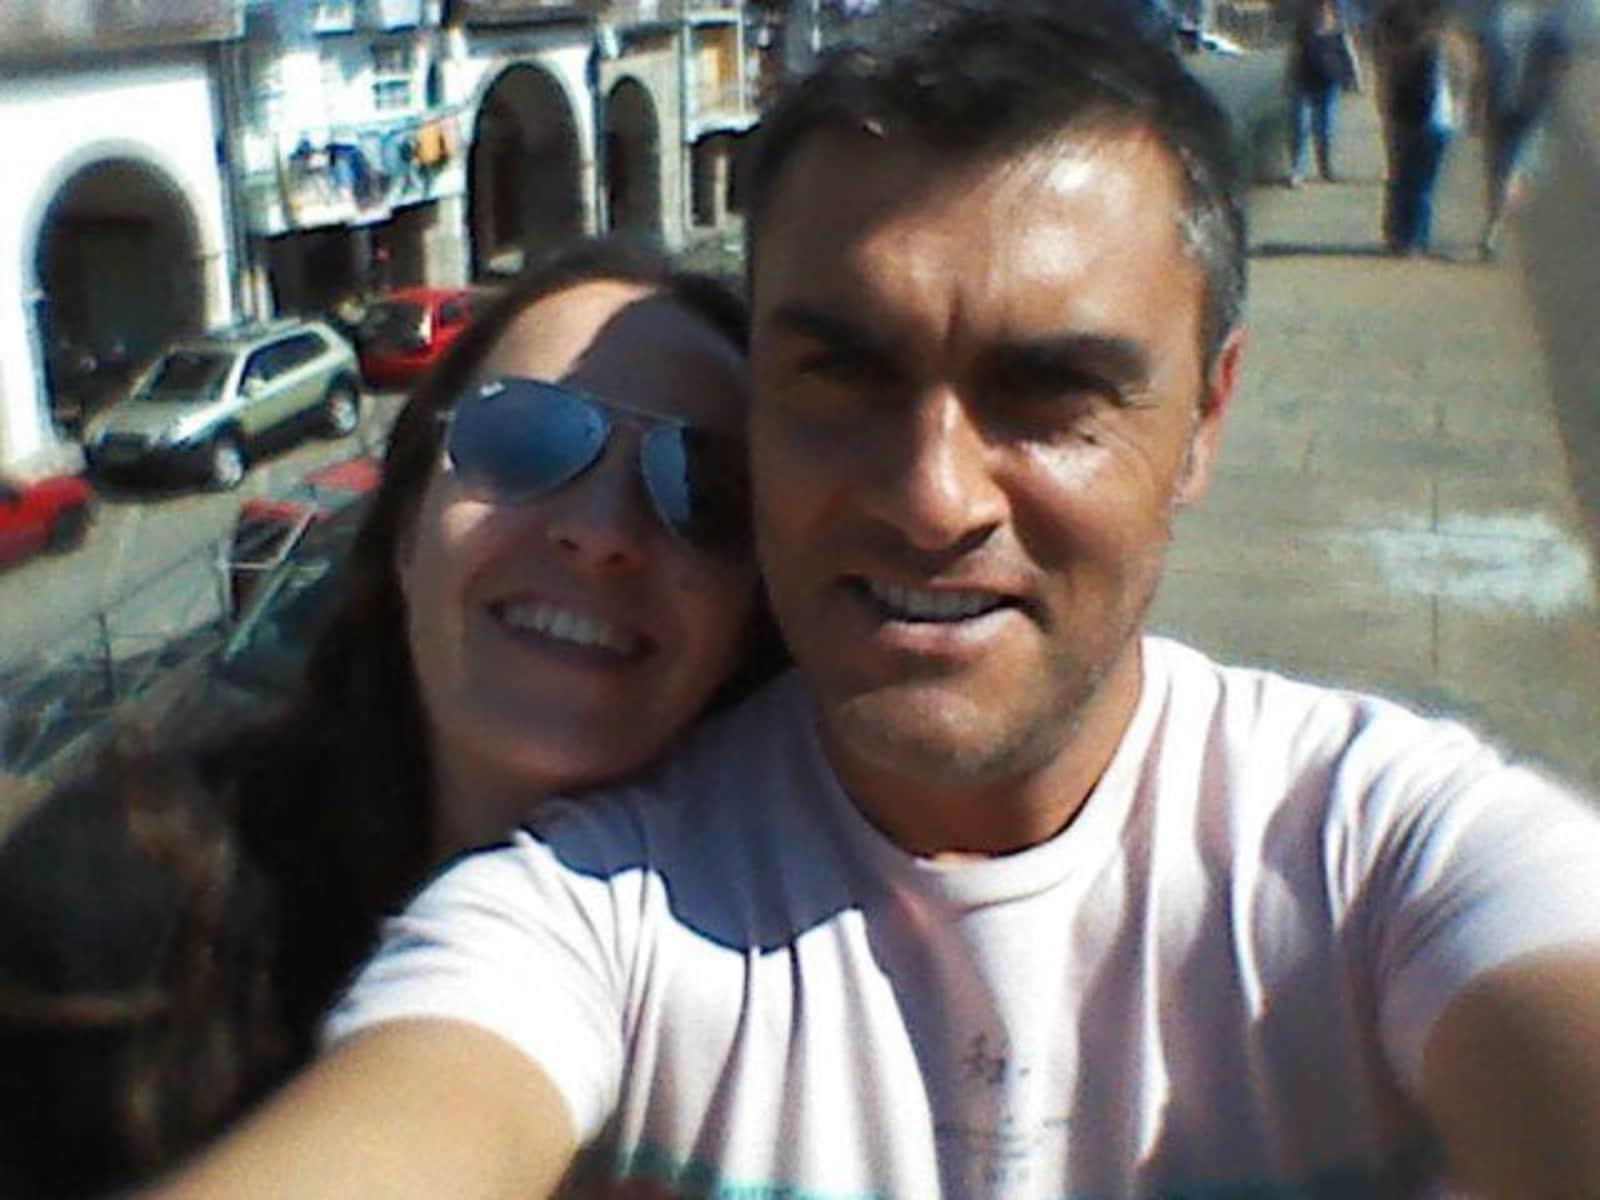 Carolina & Kike from Verónica, Argentina